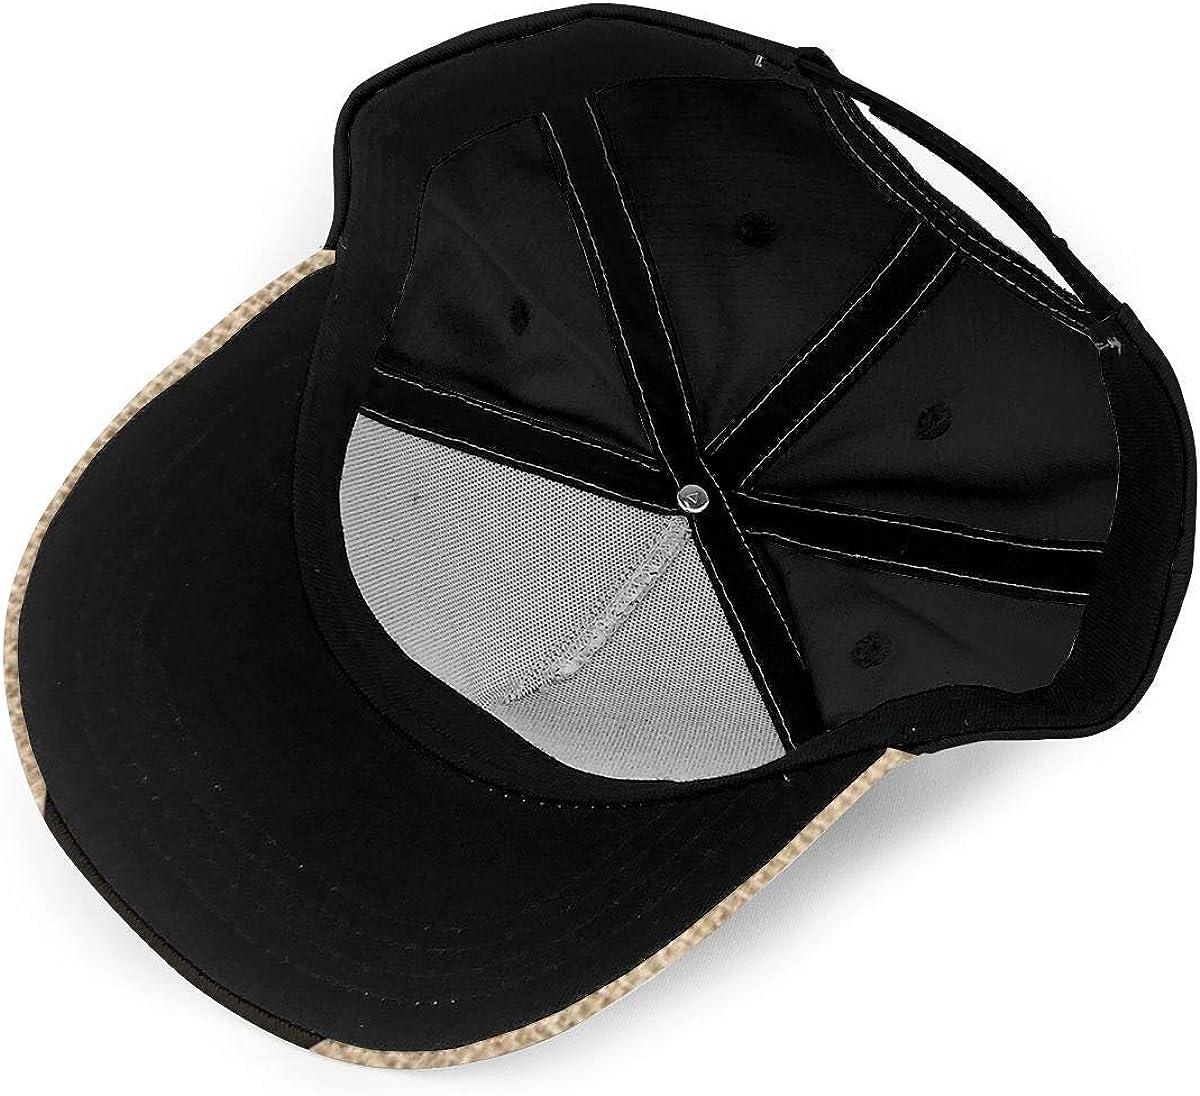 Vintage Design Vintage Sika Deer Lightweight Unisex Baseball Caps Adjustable Breathable Sun Hat for Sport Outdoor Black